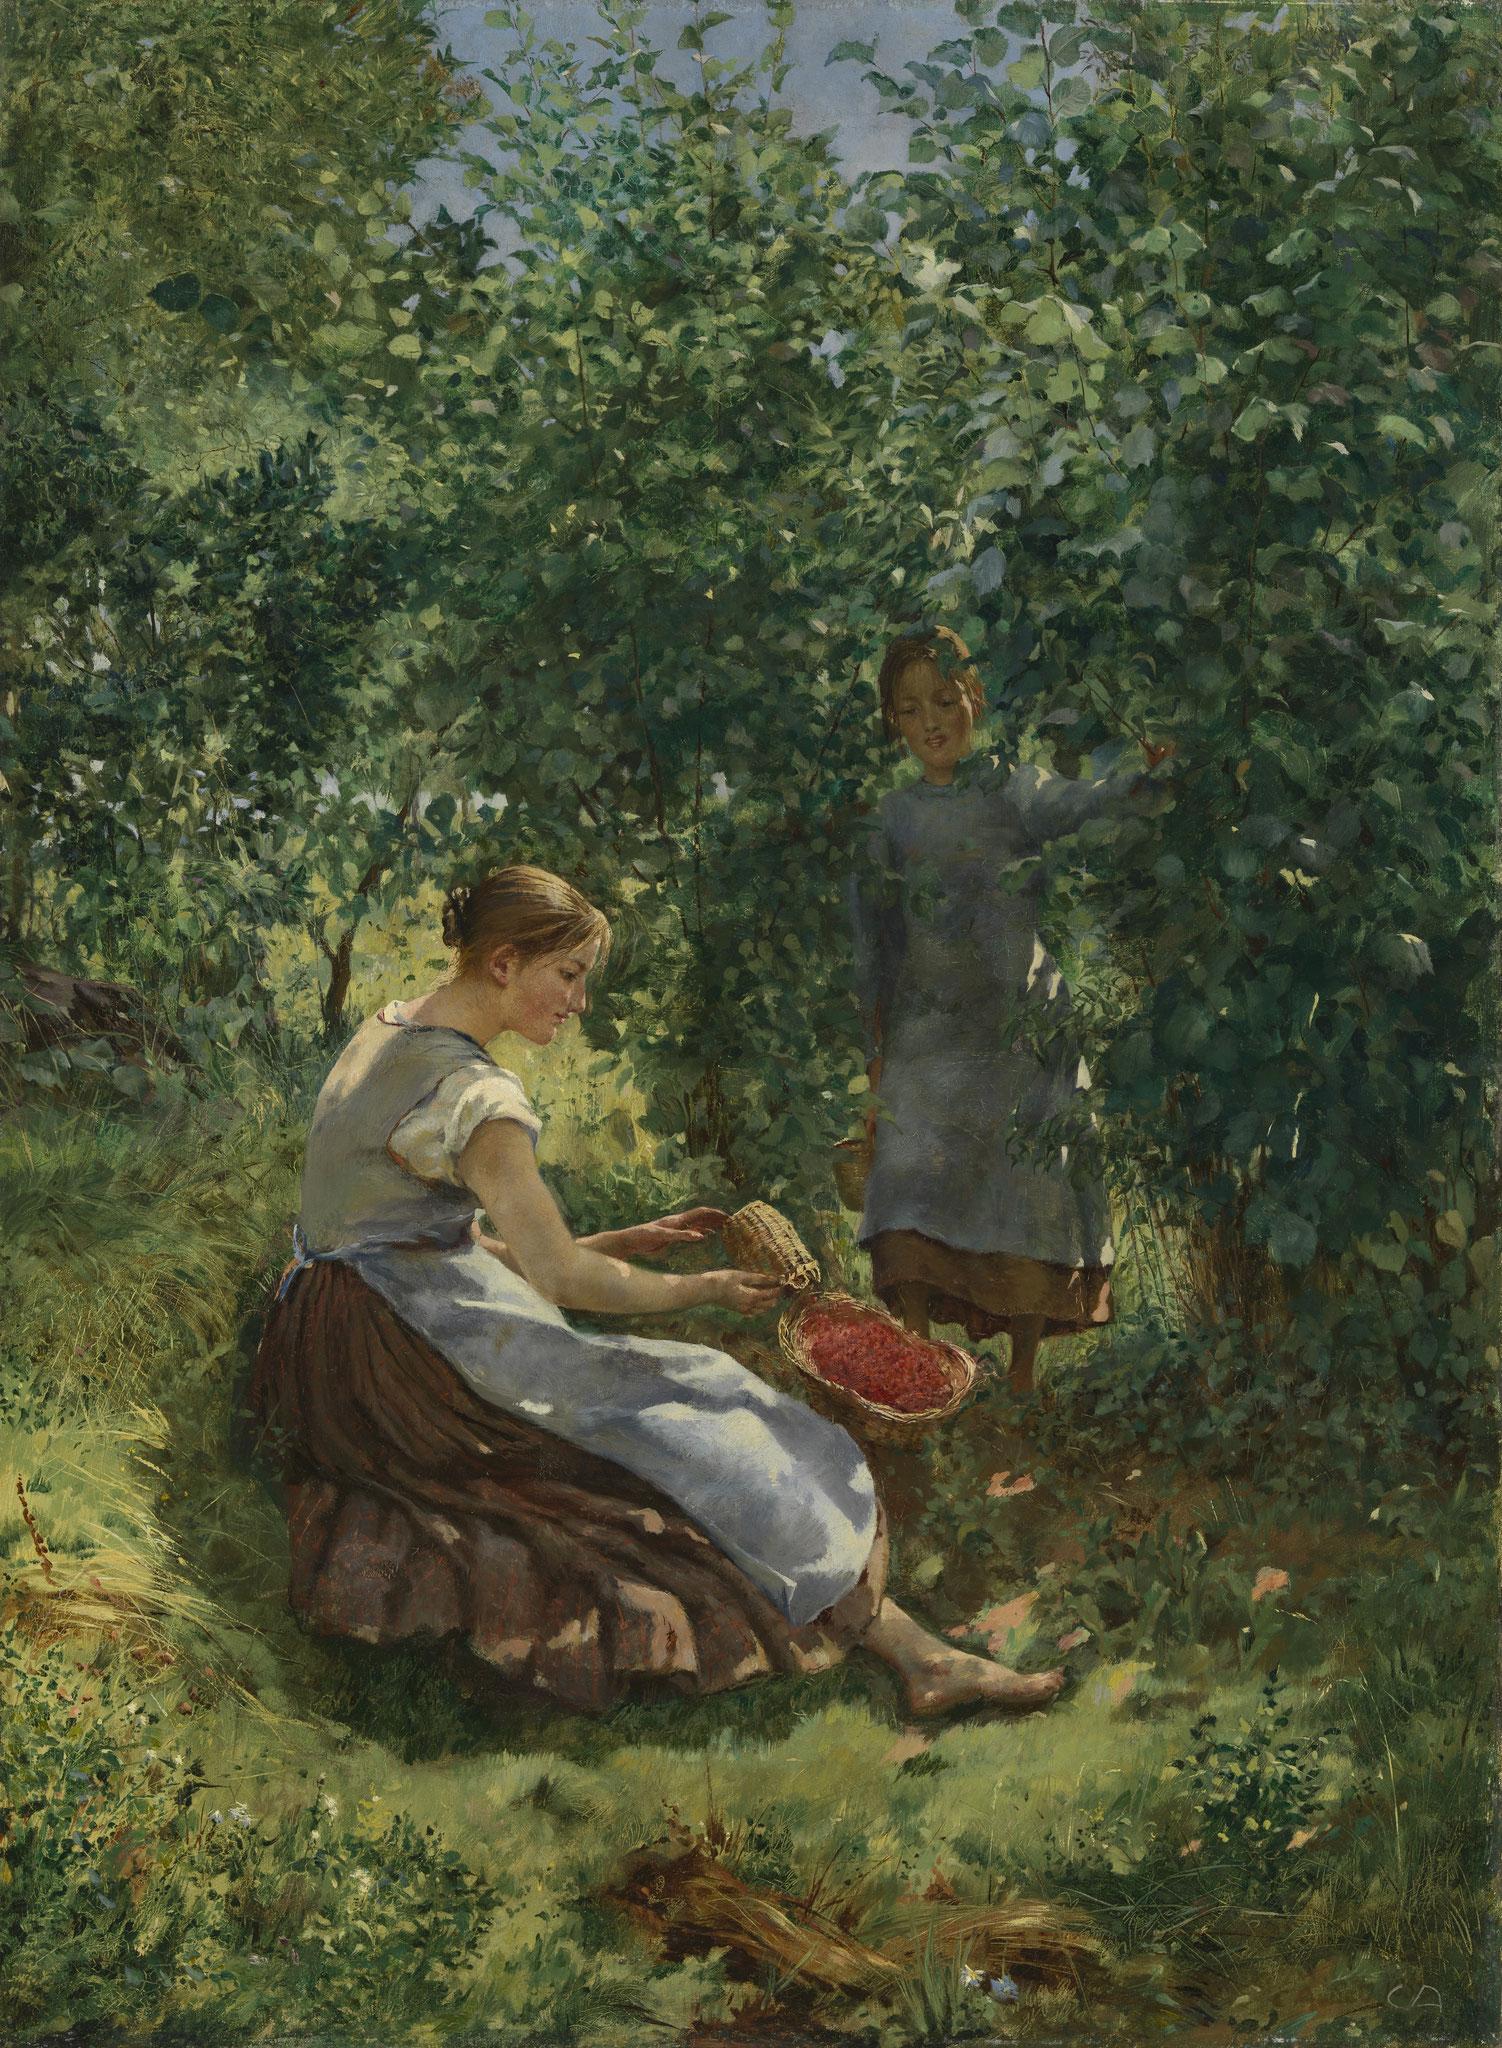 Cuno Amiet, Strawberry Girls, 1889, Stiftung für Kunst, Kultur und Geschichte, Winterthur